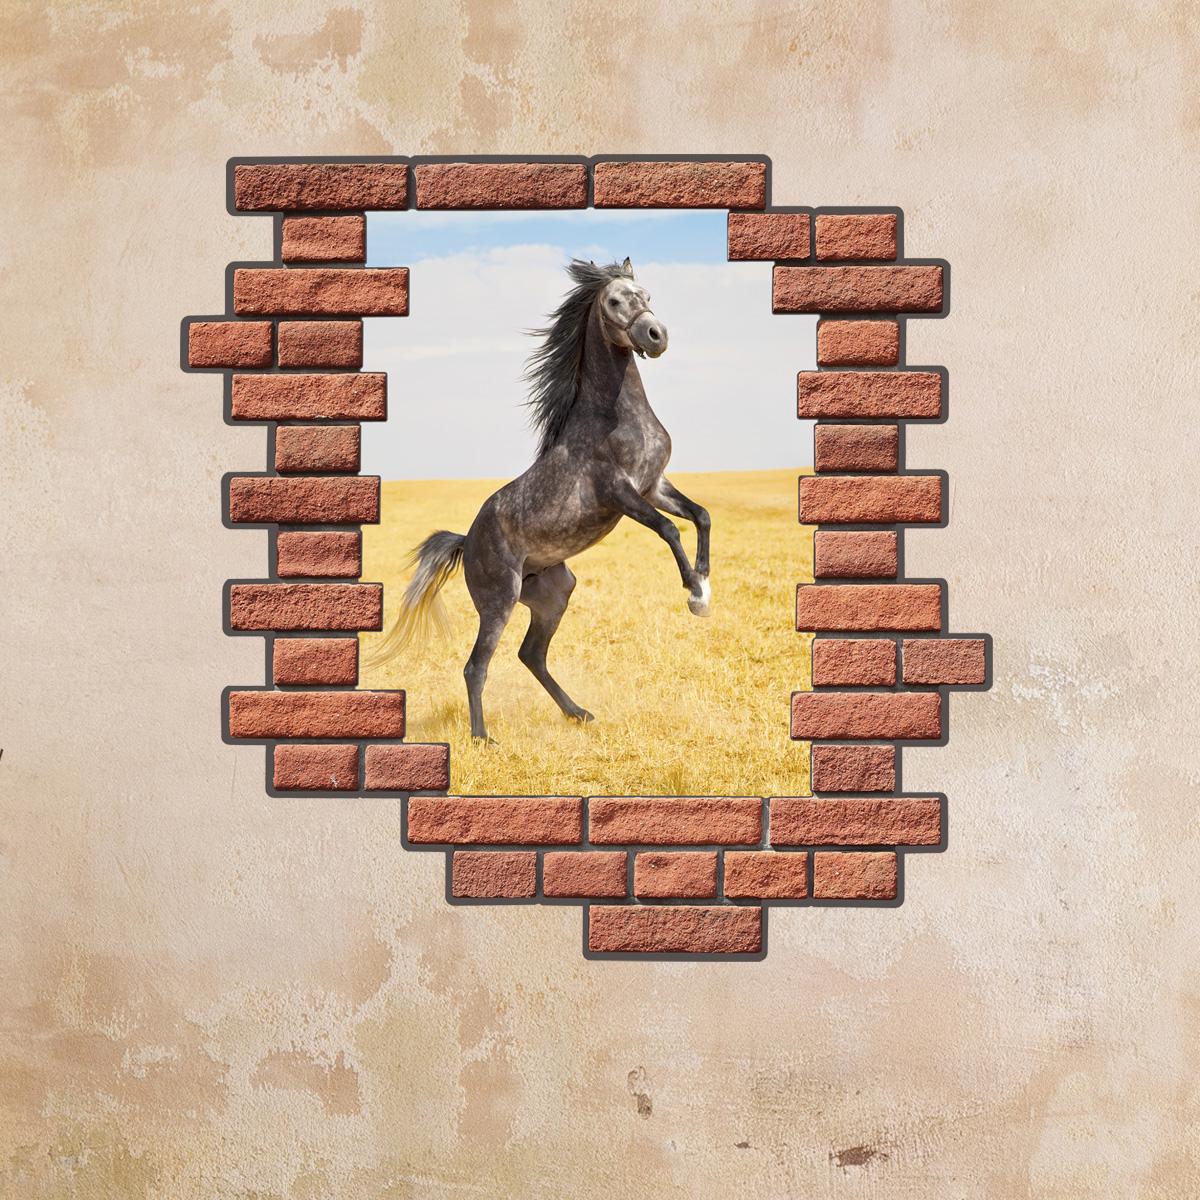 sticker muraux trompe l 39 oeil sticker mural cheval dans la trame de briques ambiance. Black Bedroom Furniture Sets. Home Design Ideas